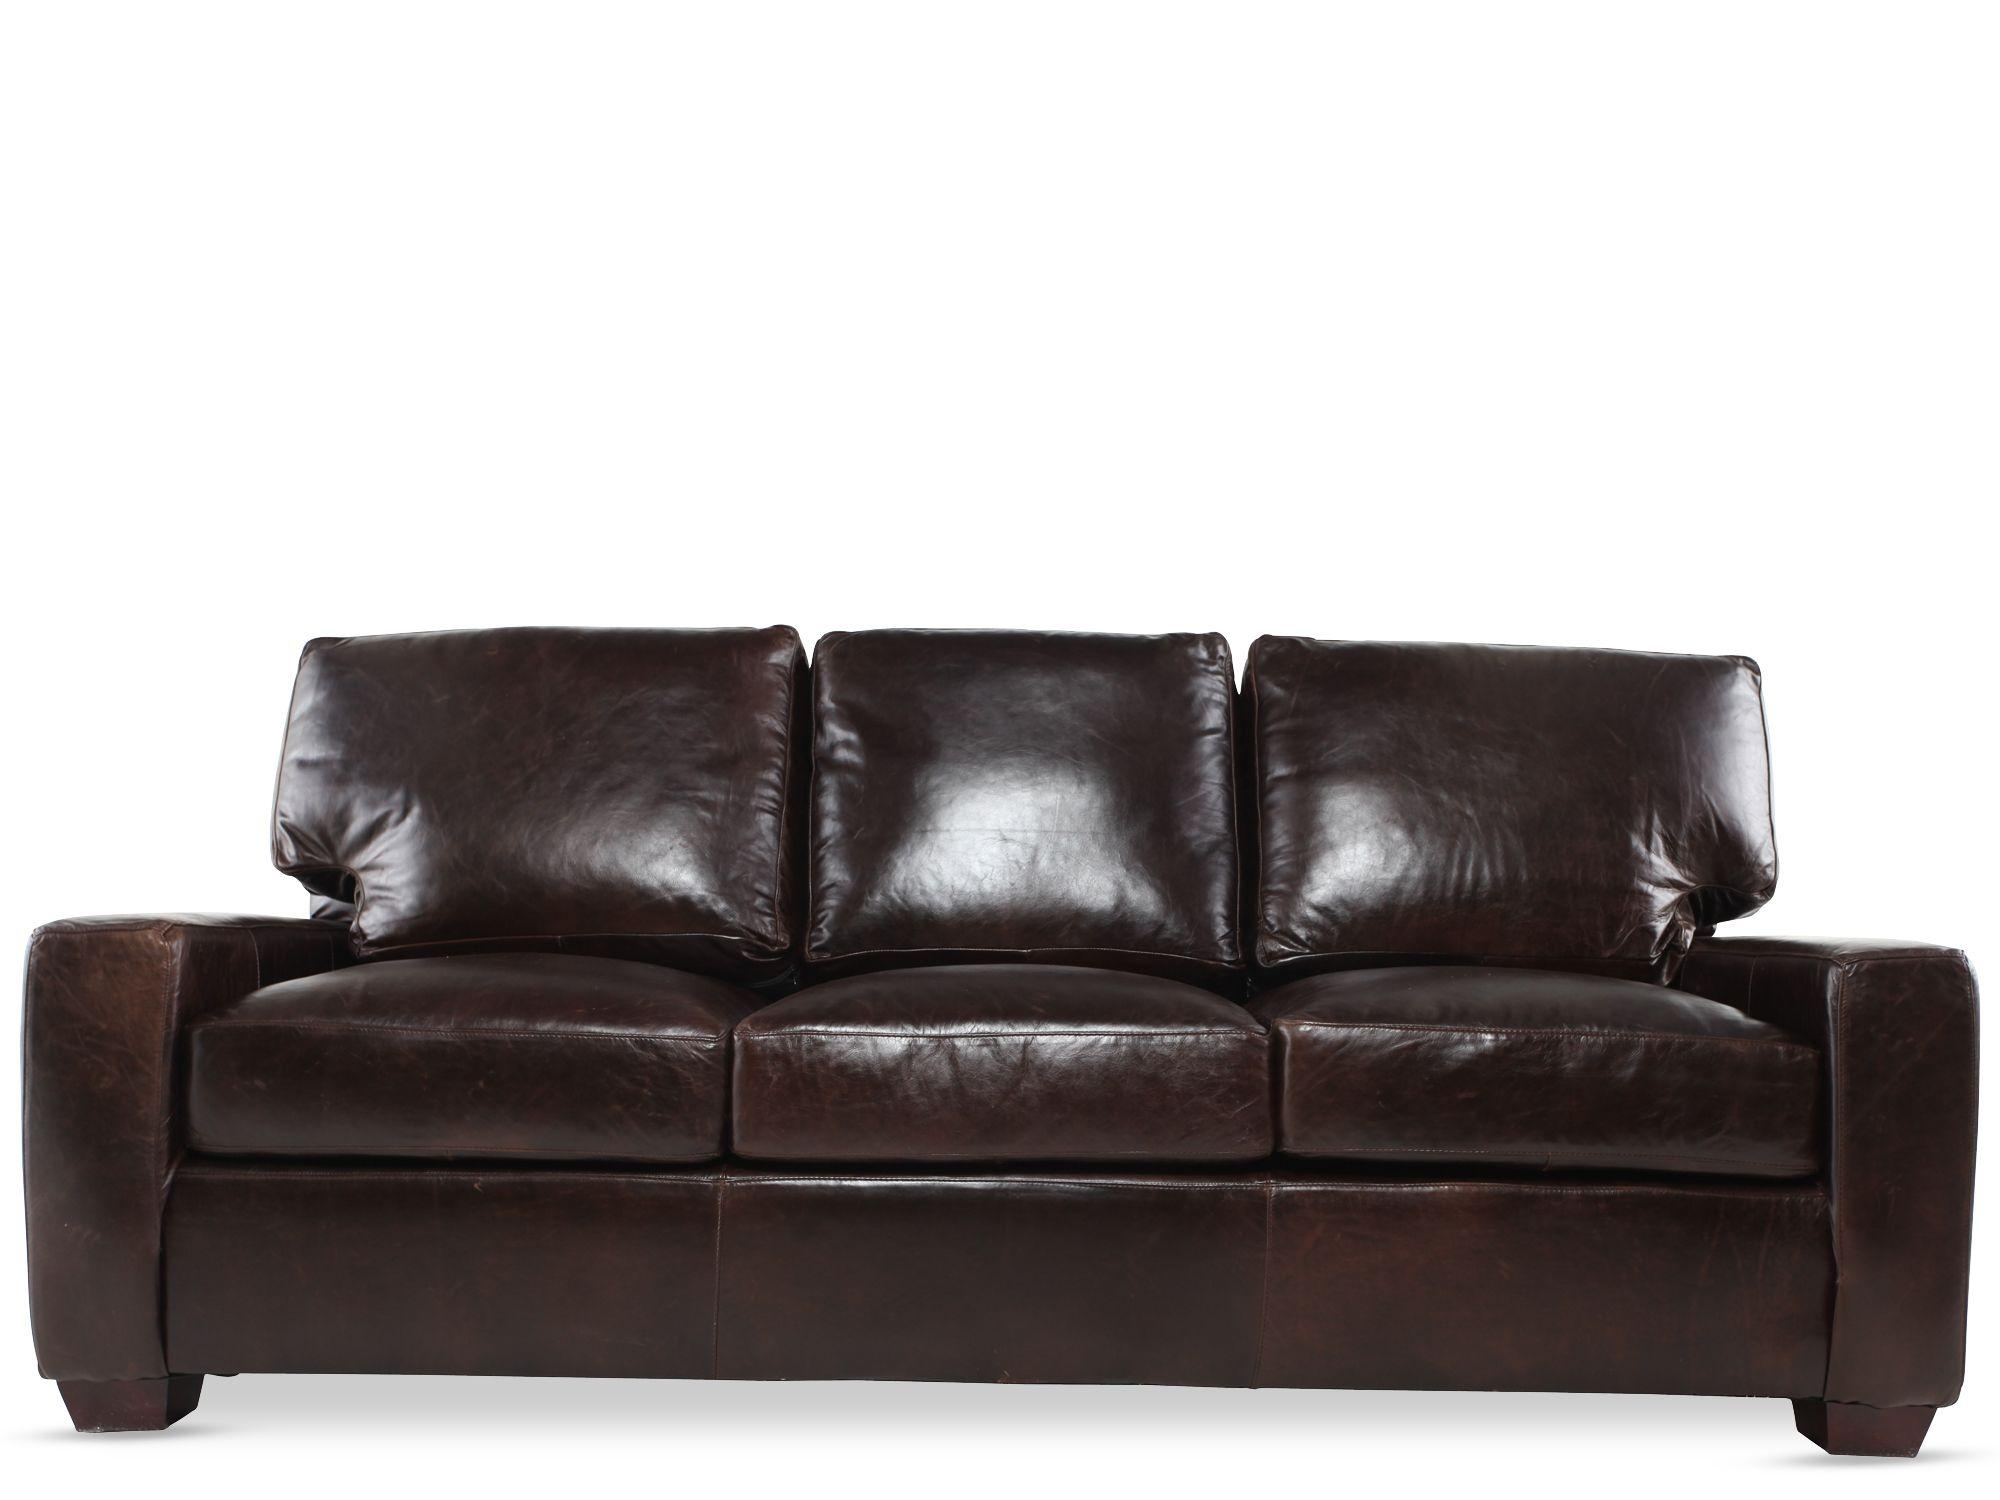 tufted sofa velvet second hand set online 20 best ideas ava sleeper sofas